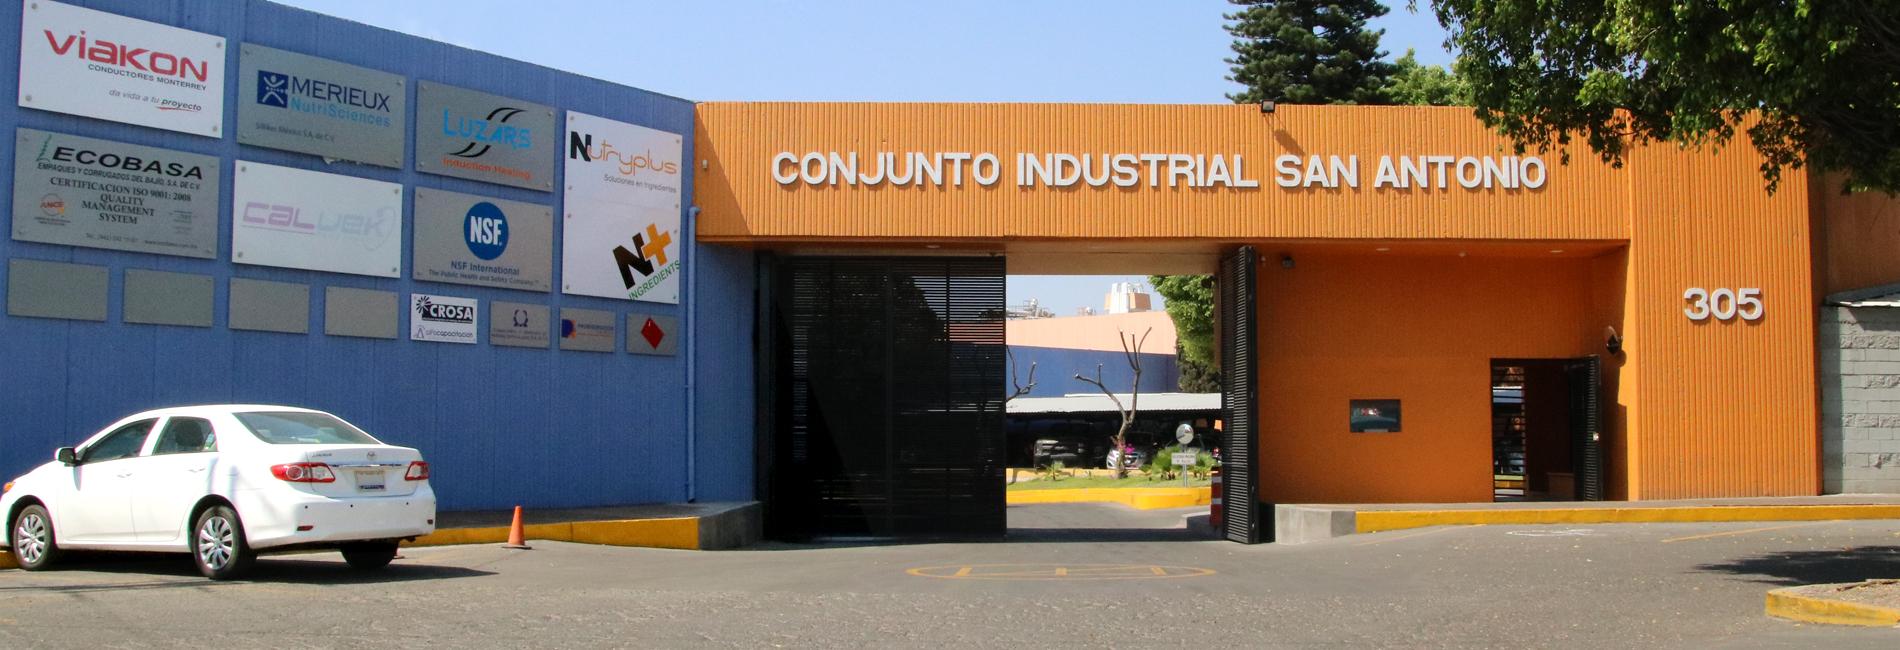 Conjunto Industrial San Antonio